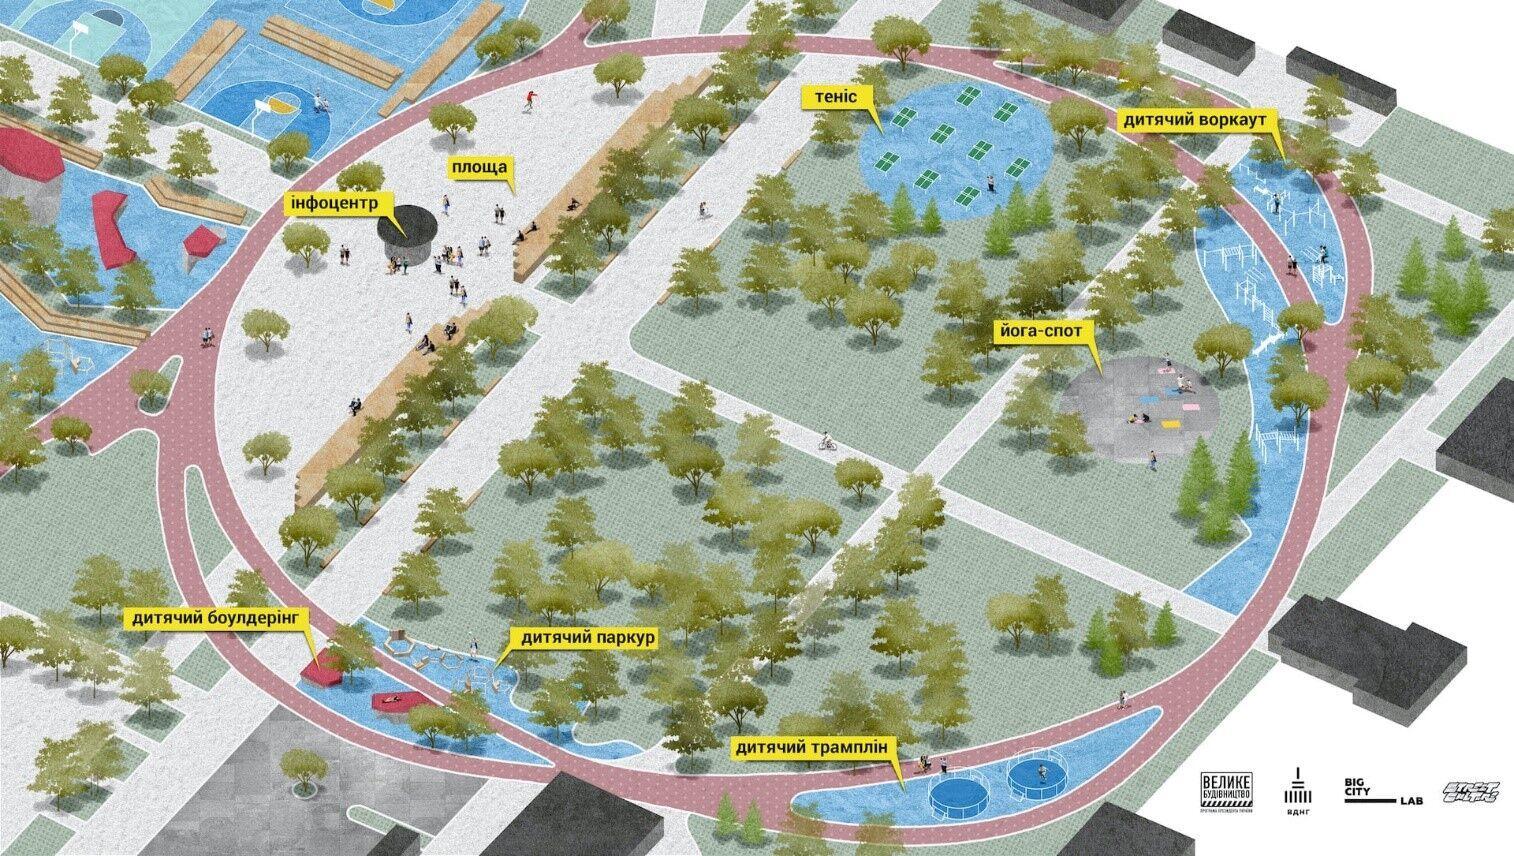 В урбан-парке появится скейтпарк, площадки для занятия футболом, баскетболом и стритболом и т.д.